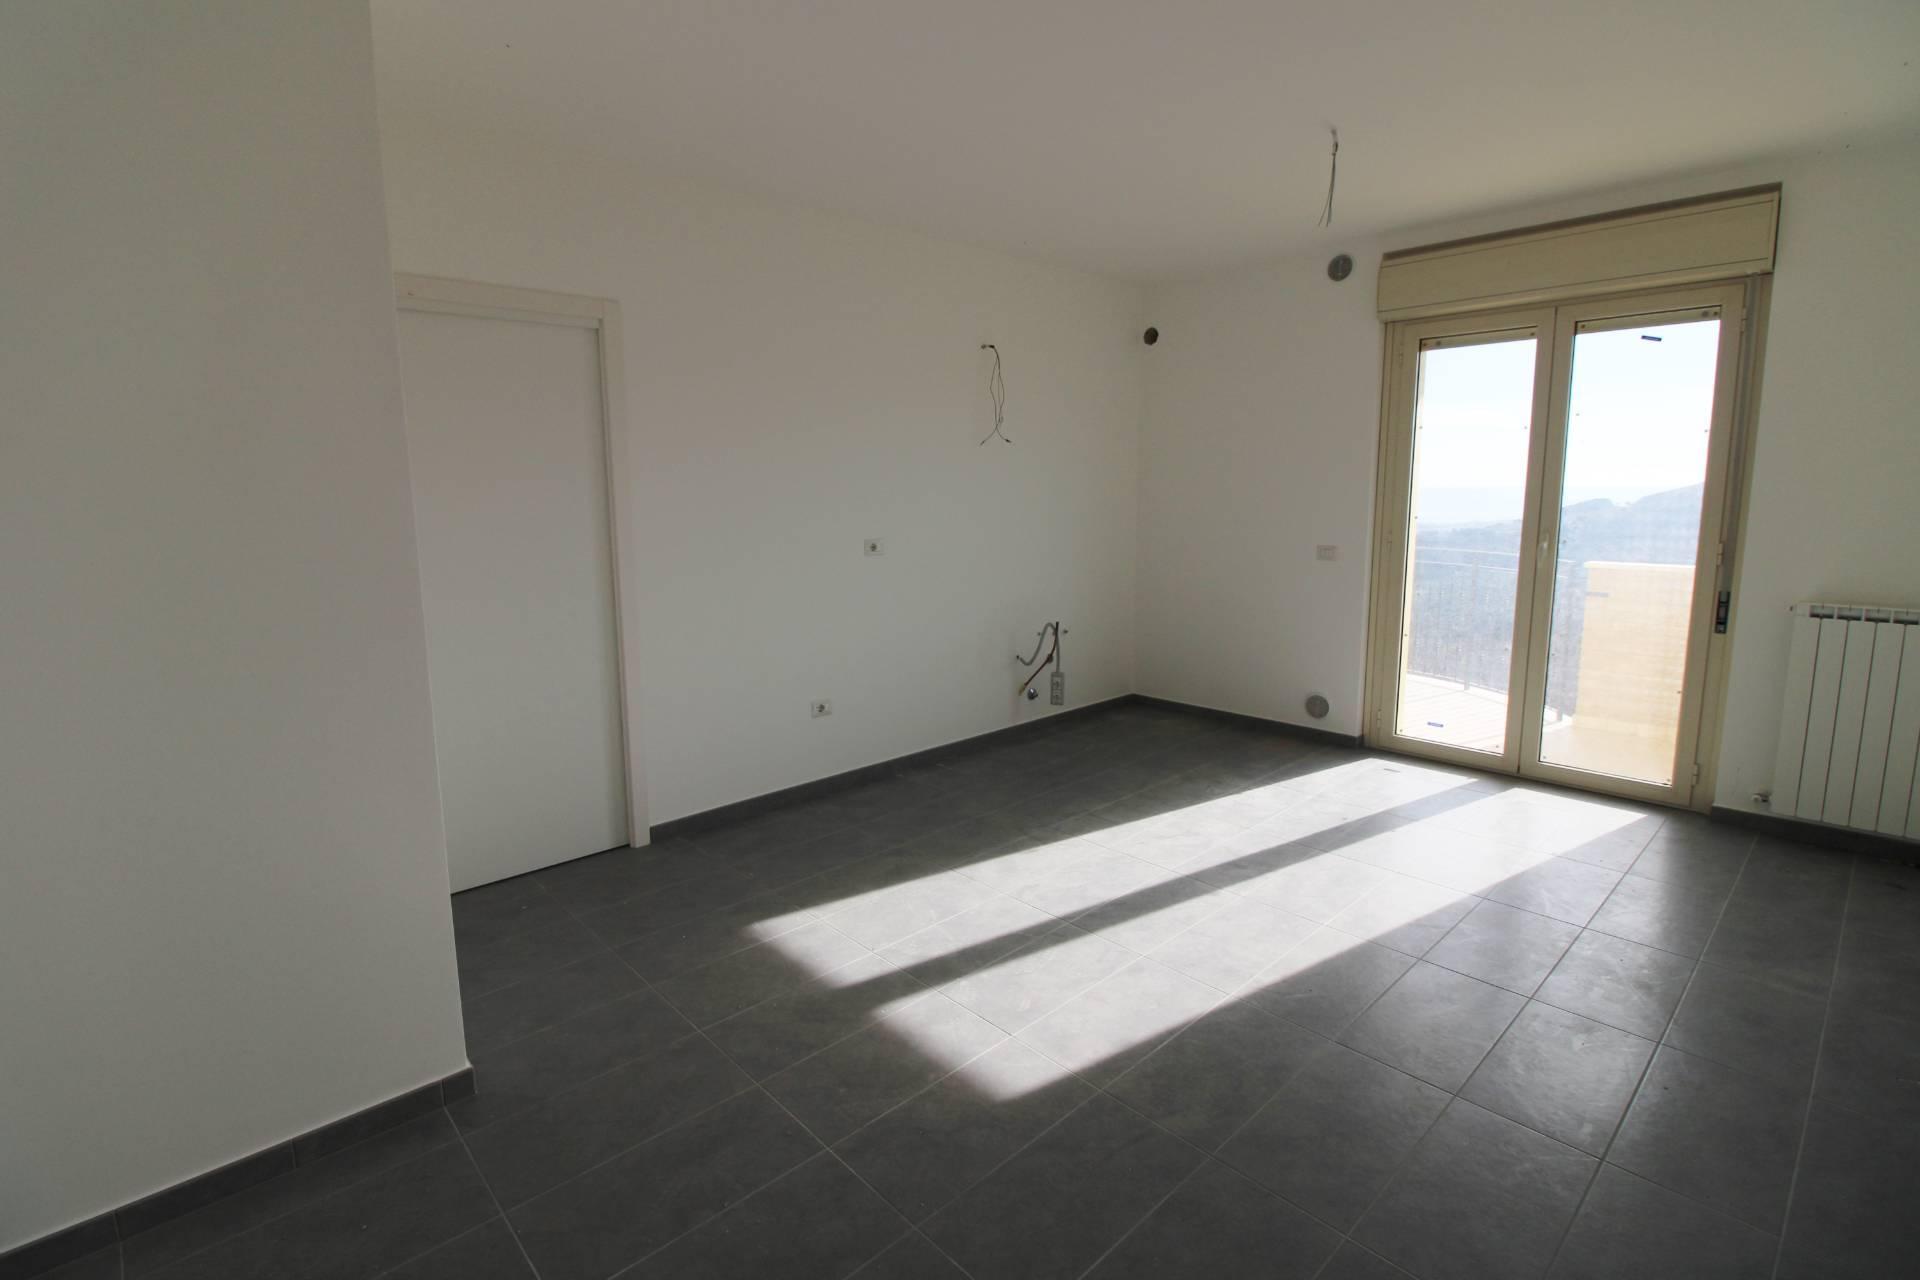 Appartamento in vendita a Colonnella, 3 locali, prezzo € 140.000 | PortaleAgenzieImmobiliari.it